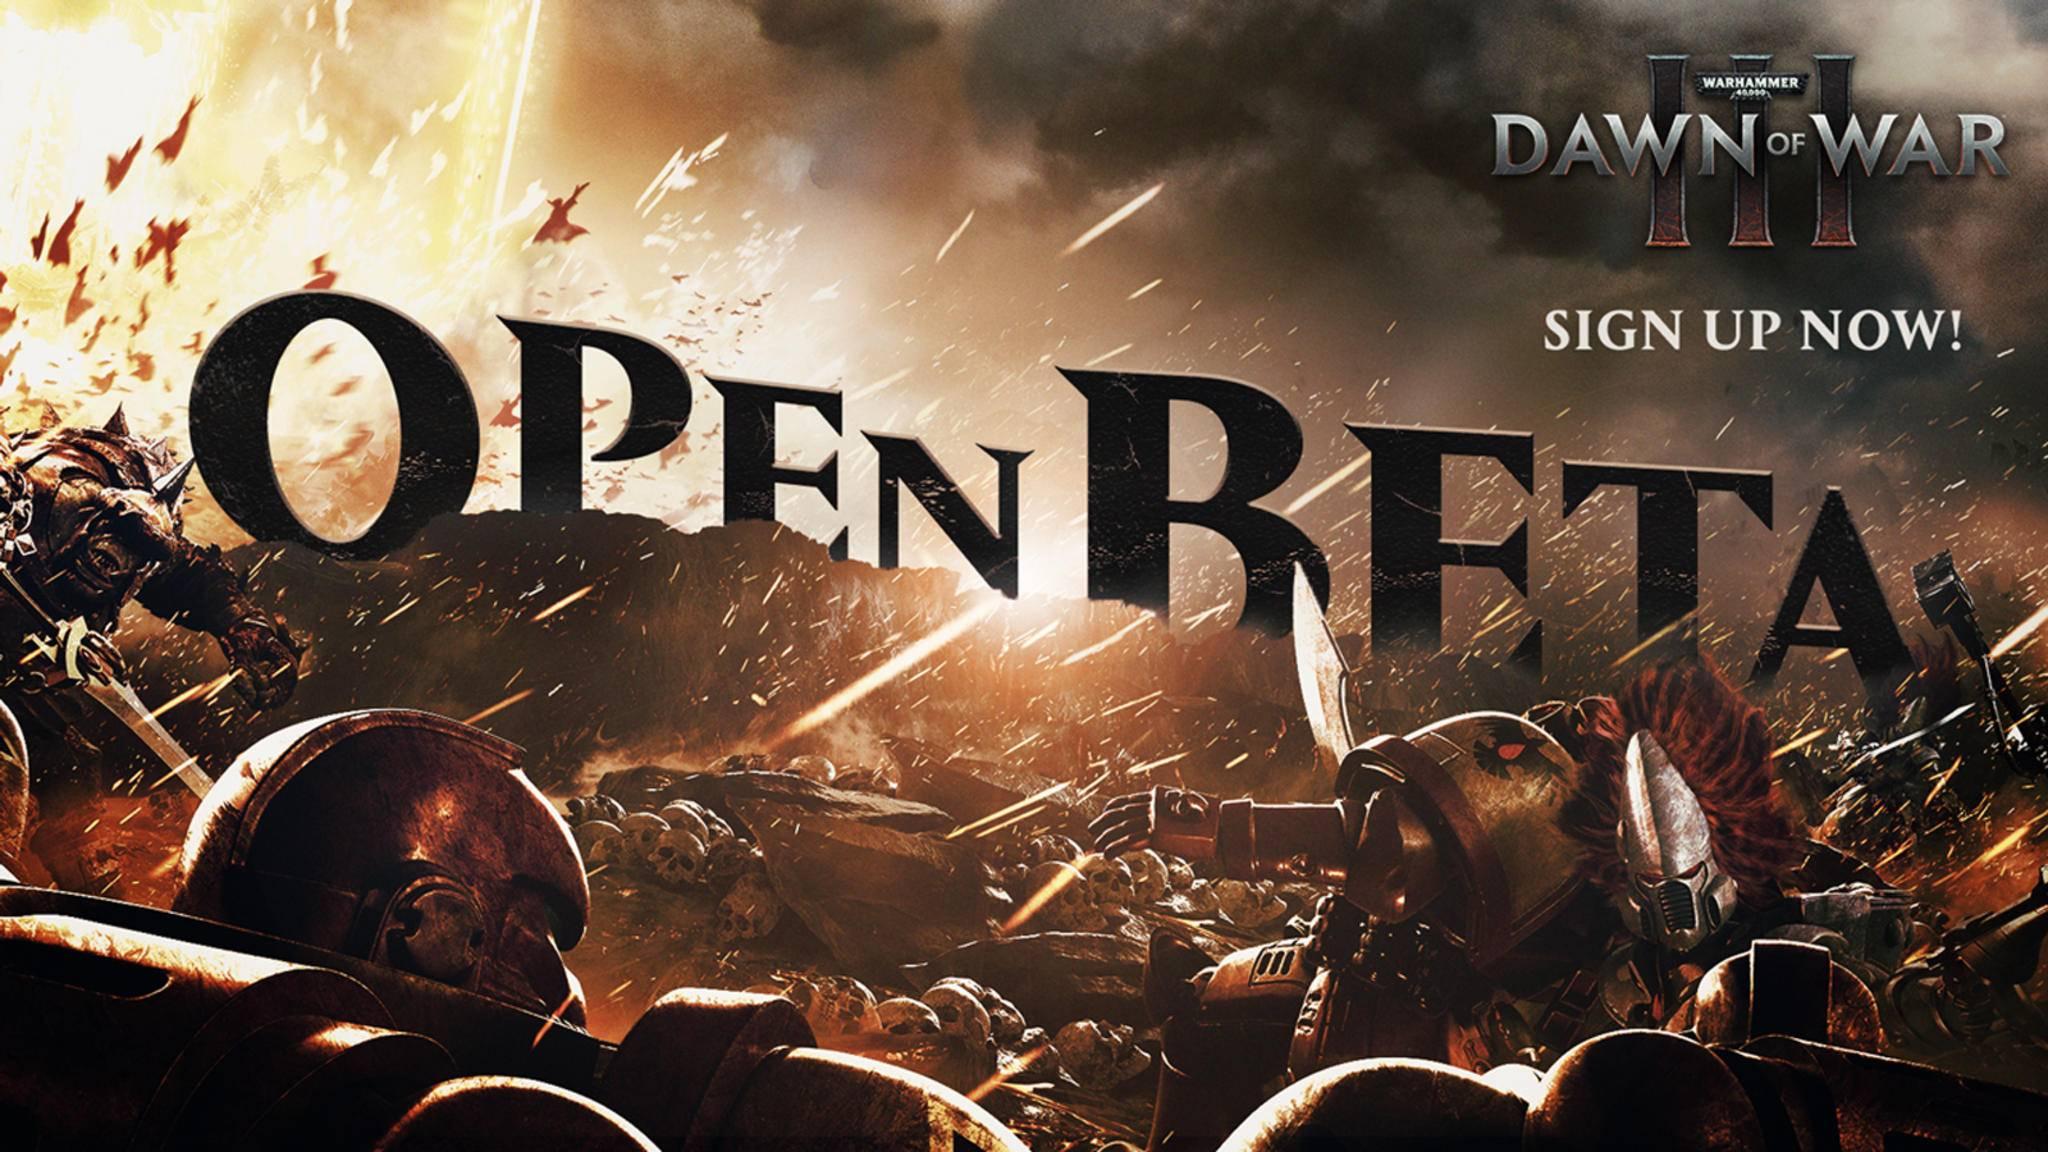 Für den neuen Titel der Warhammer 40K-Reihe gibt's bald eine Open Beta.